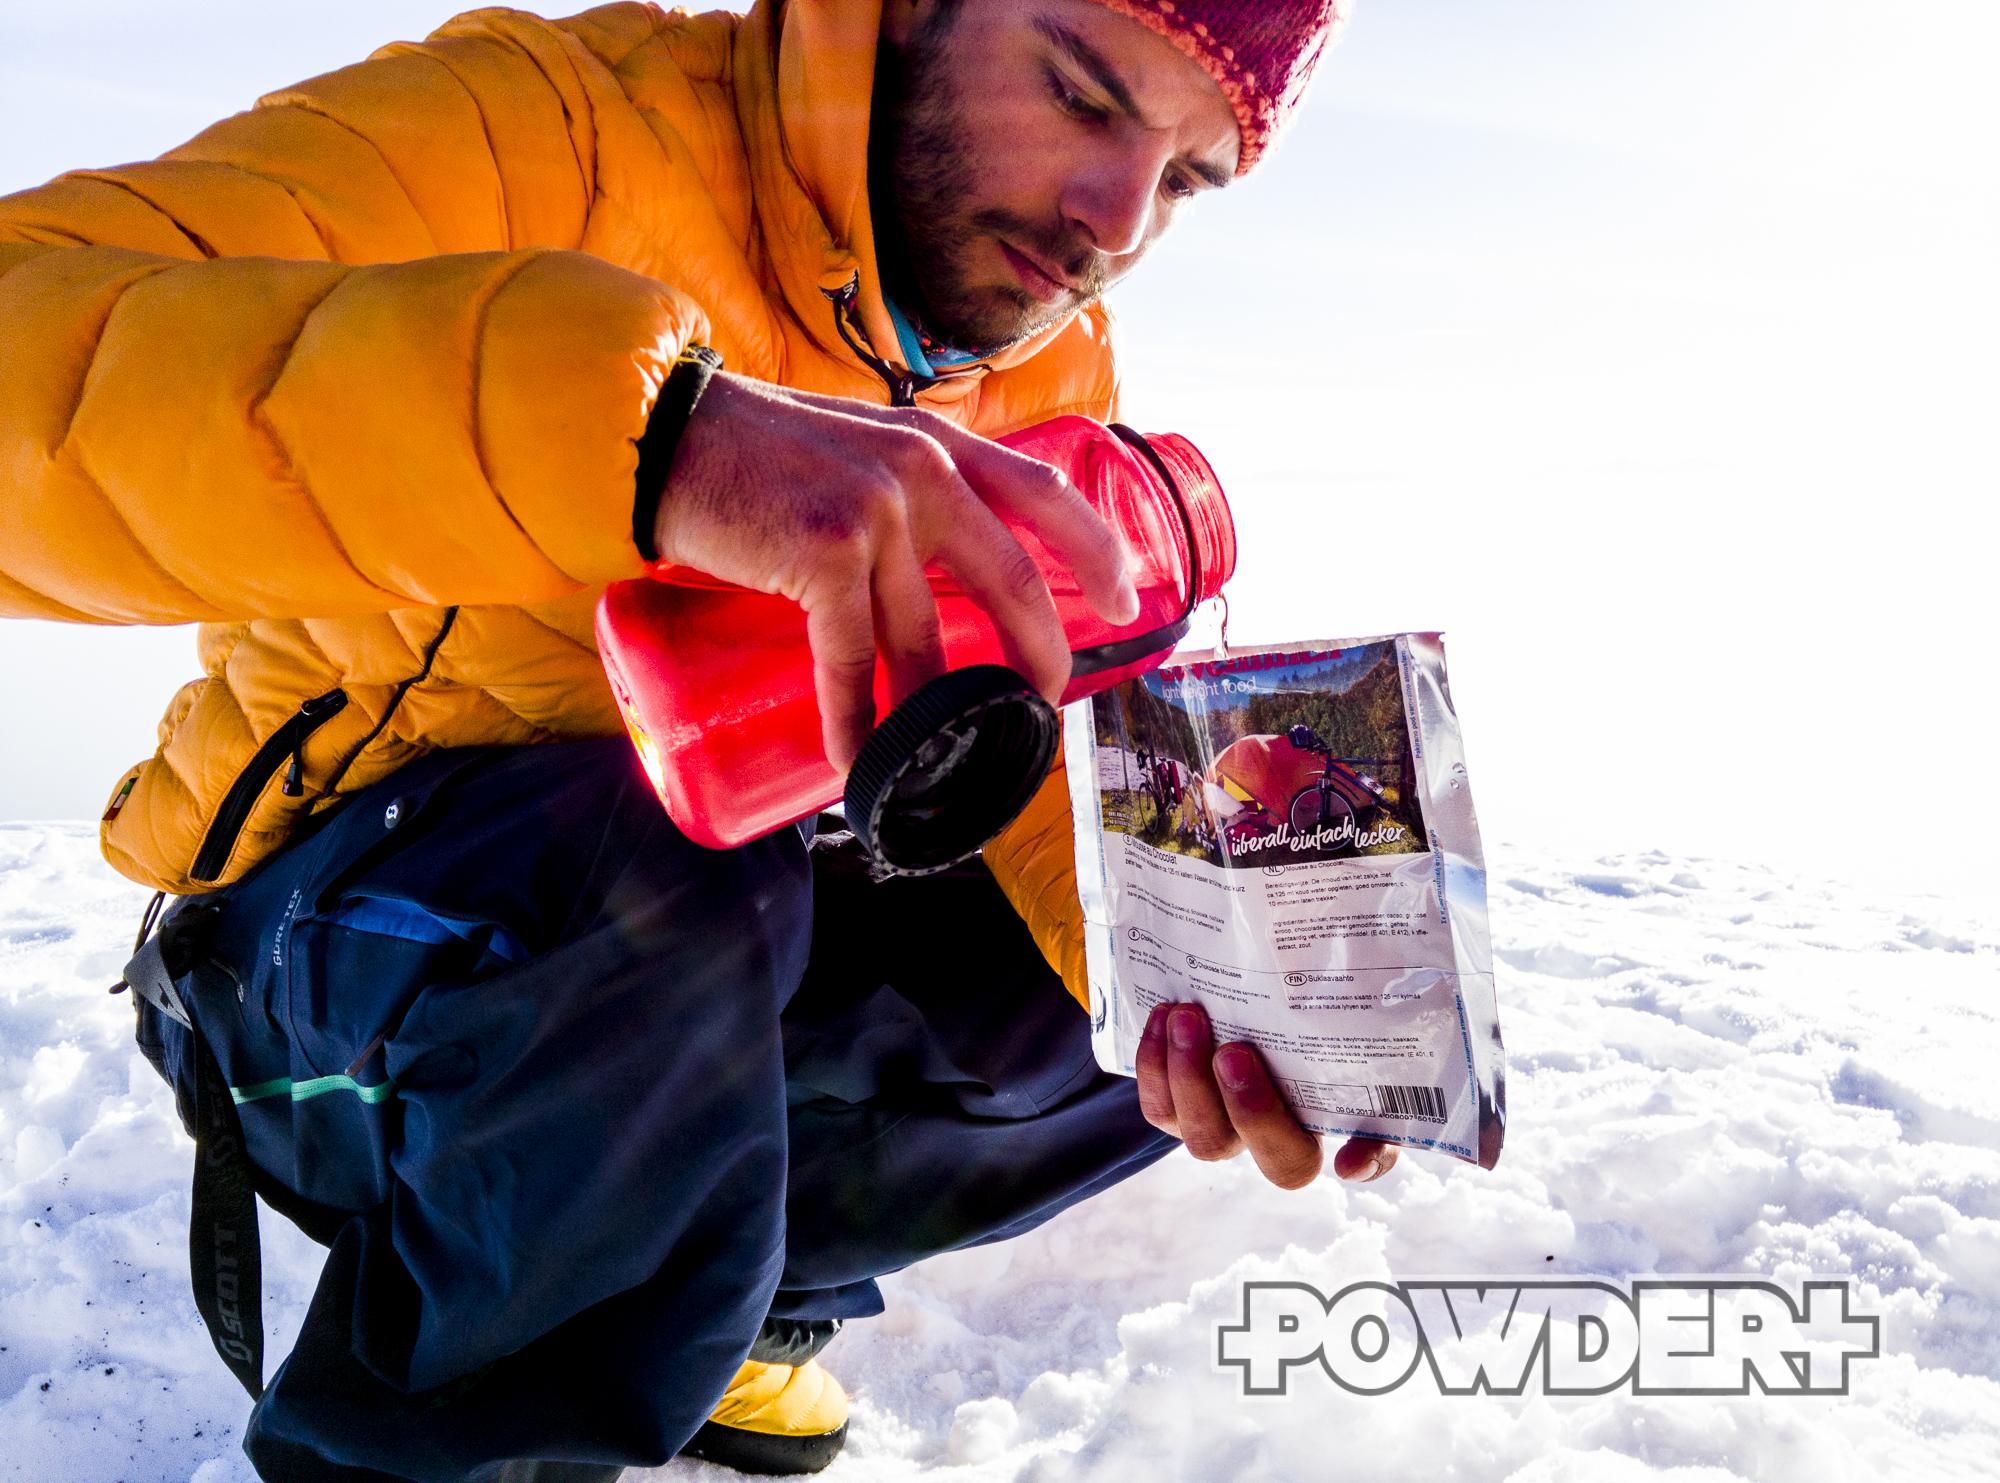 wintercamping, outdoornahrung, freeride, zelten, camping, essen, campingnahrung